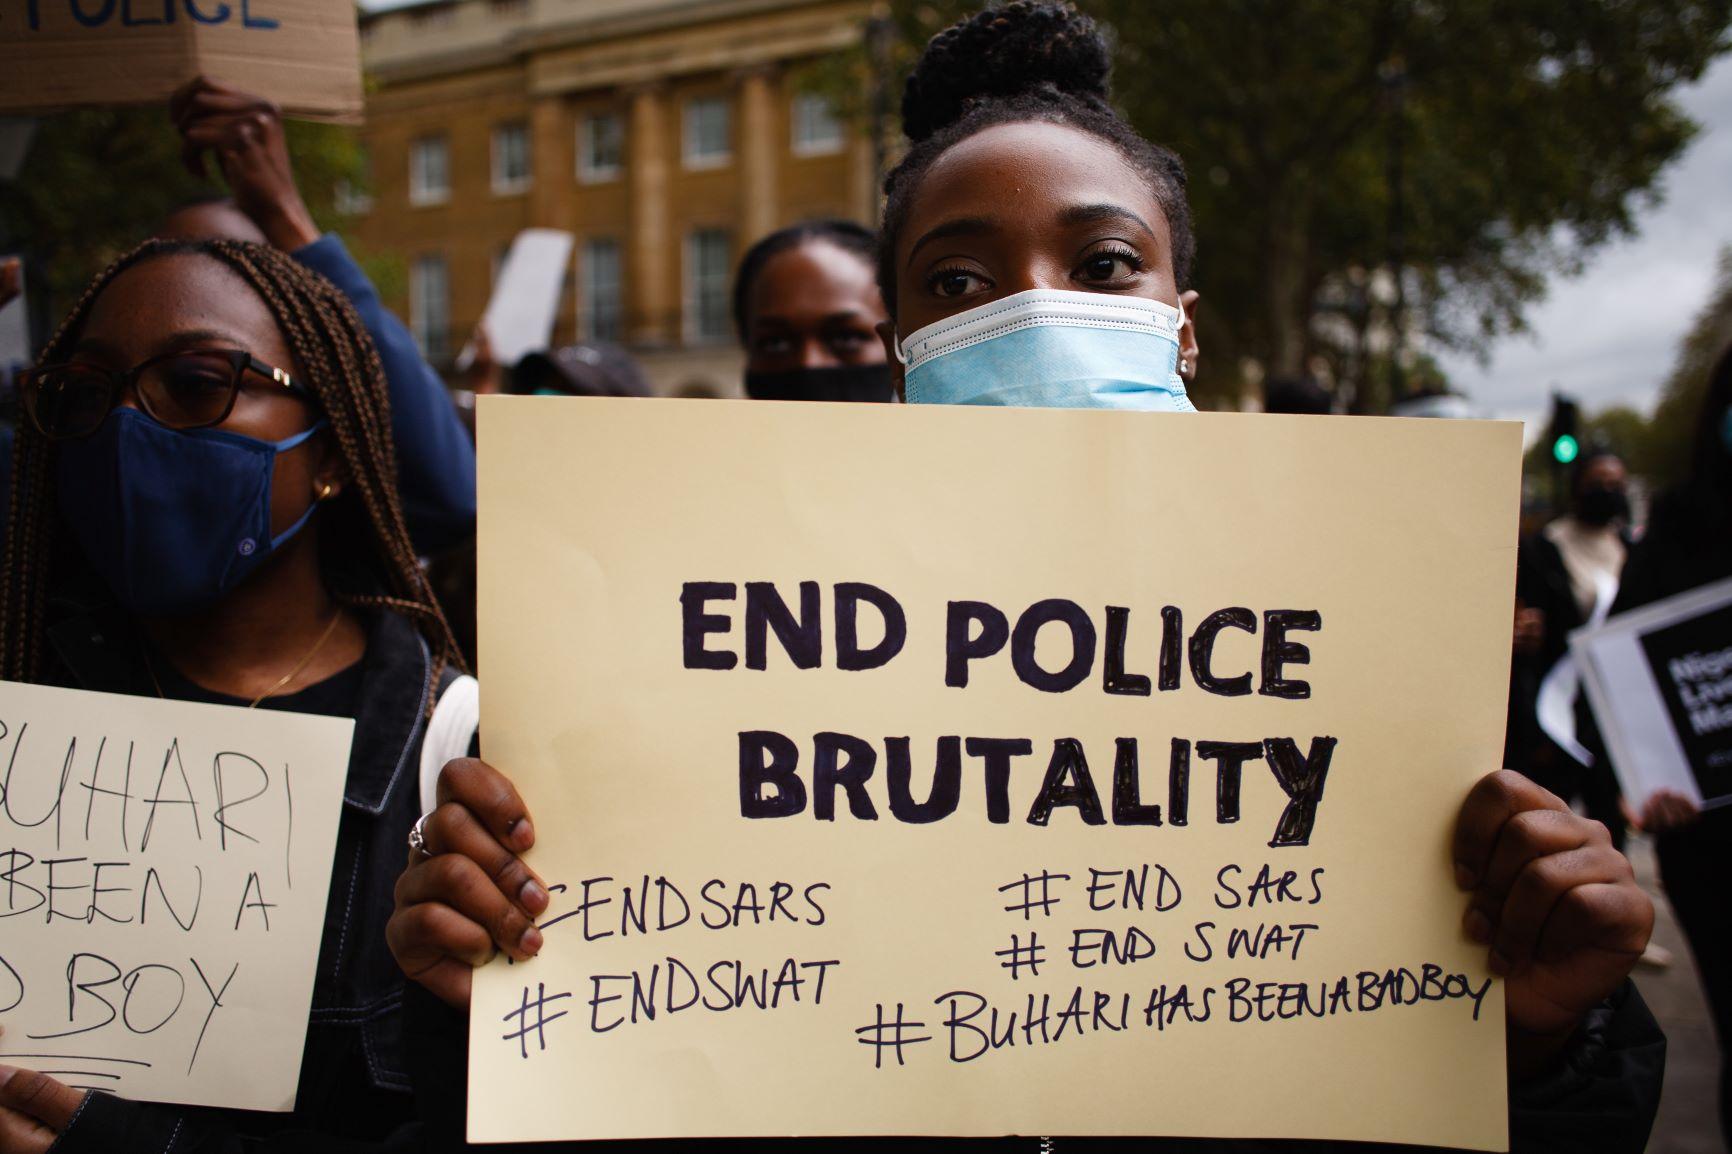 EndSARS Protest in London gegen Polizeigewalt in Nigeria